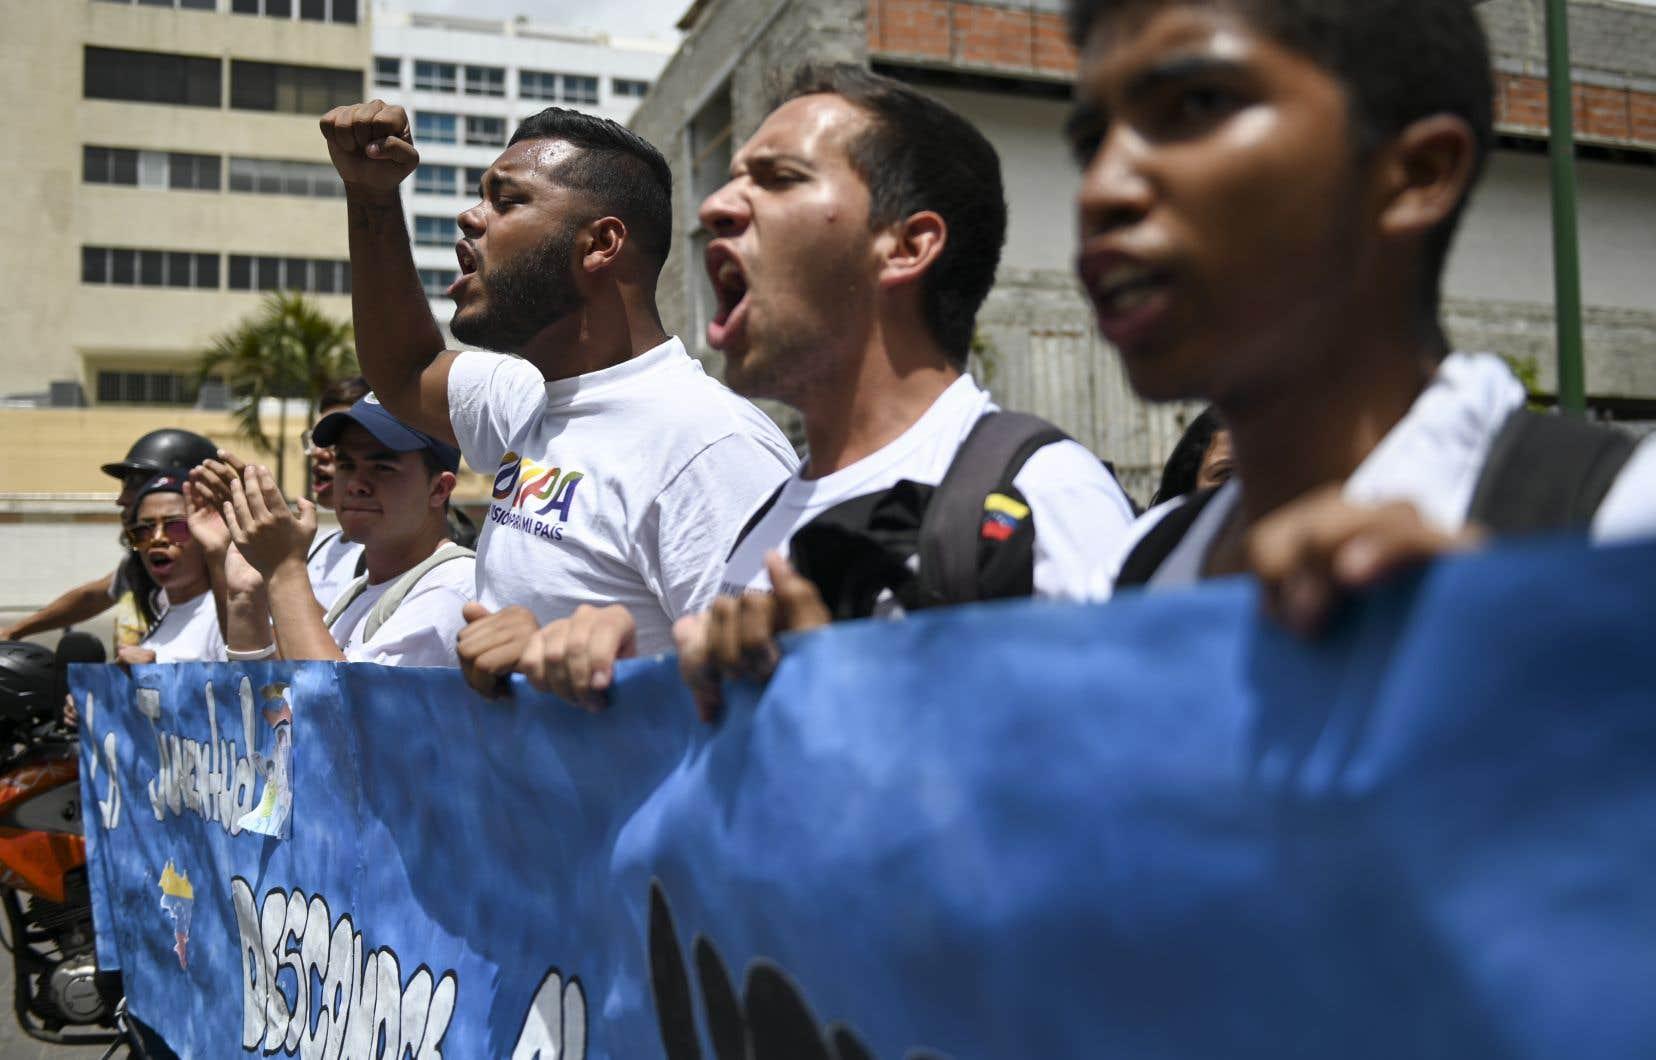 Des partisans du leader de l'opposition vénézuélienne et président autoproclamé par intérim, Juan Guaidó, manifestent lors d'un rassemblement à Caracas le 11 mai 2019.